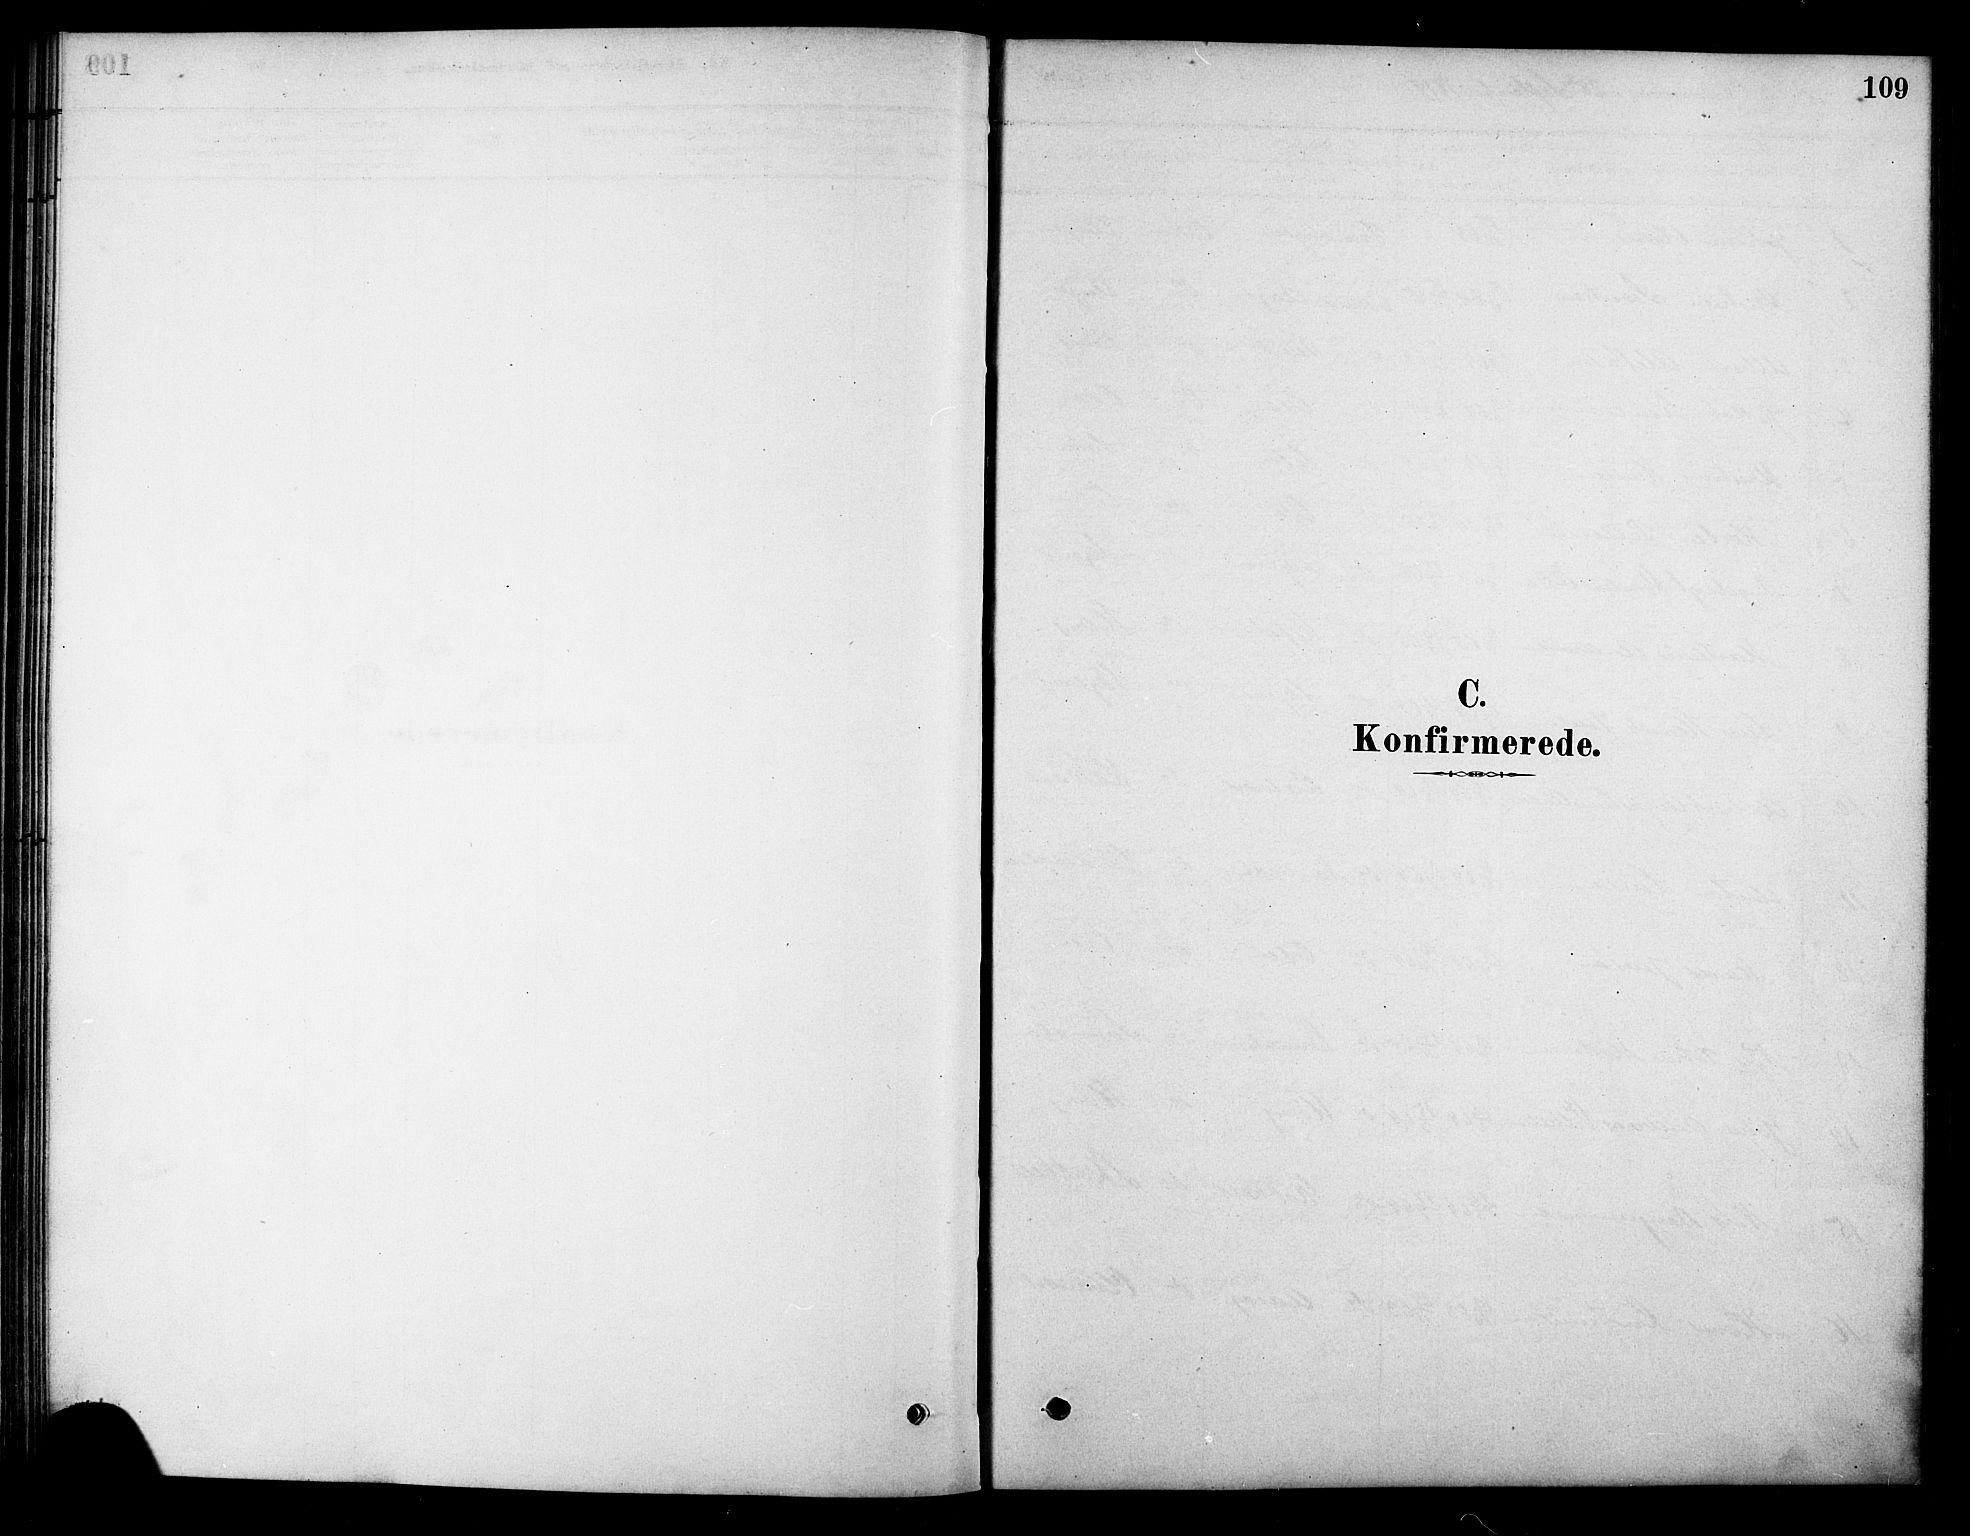 SAT, Ministerialprotokoller, klokkerbøker og fødselsregistre - Sør-Trøndelag, 658/L0722: Ministerialbok nr. 658A01, 1879-1896, s. 109